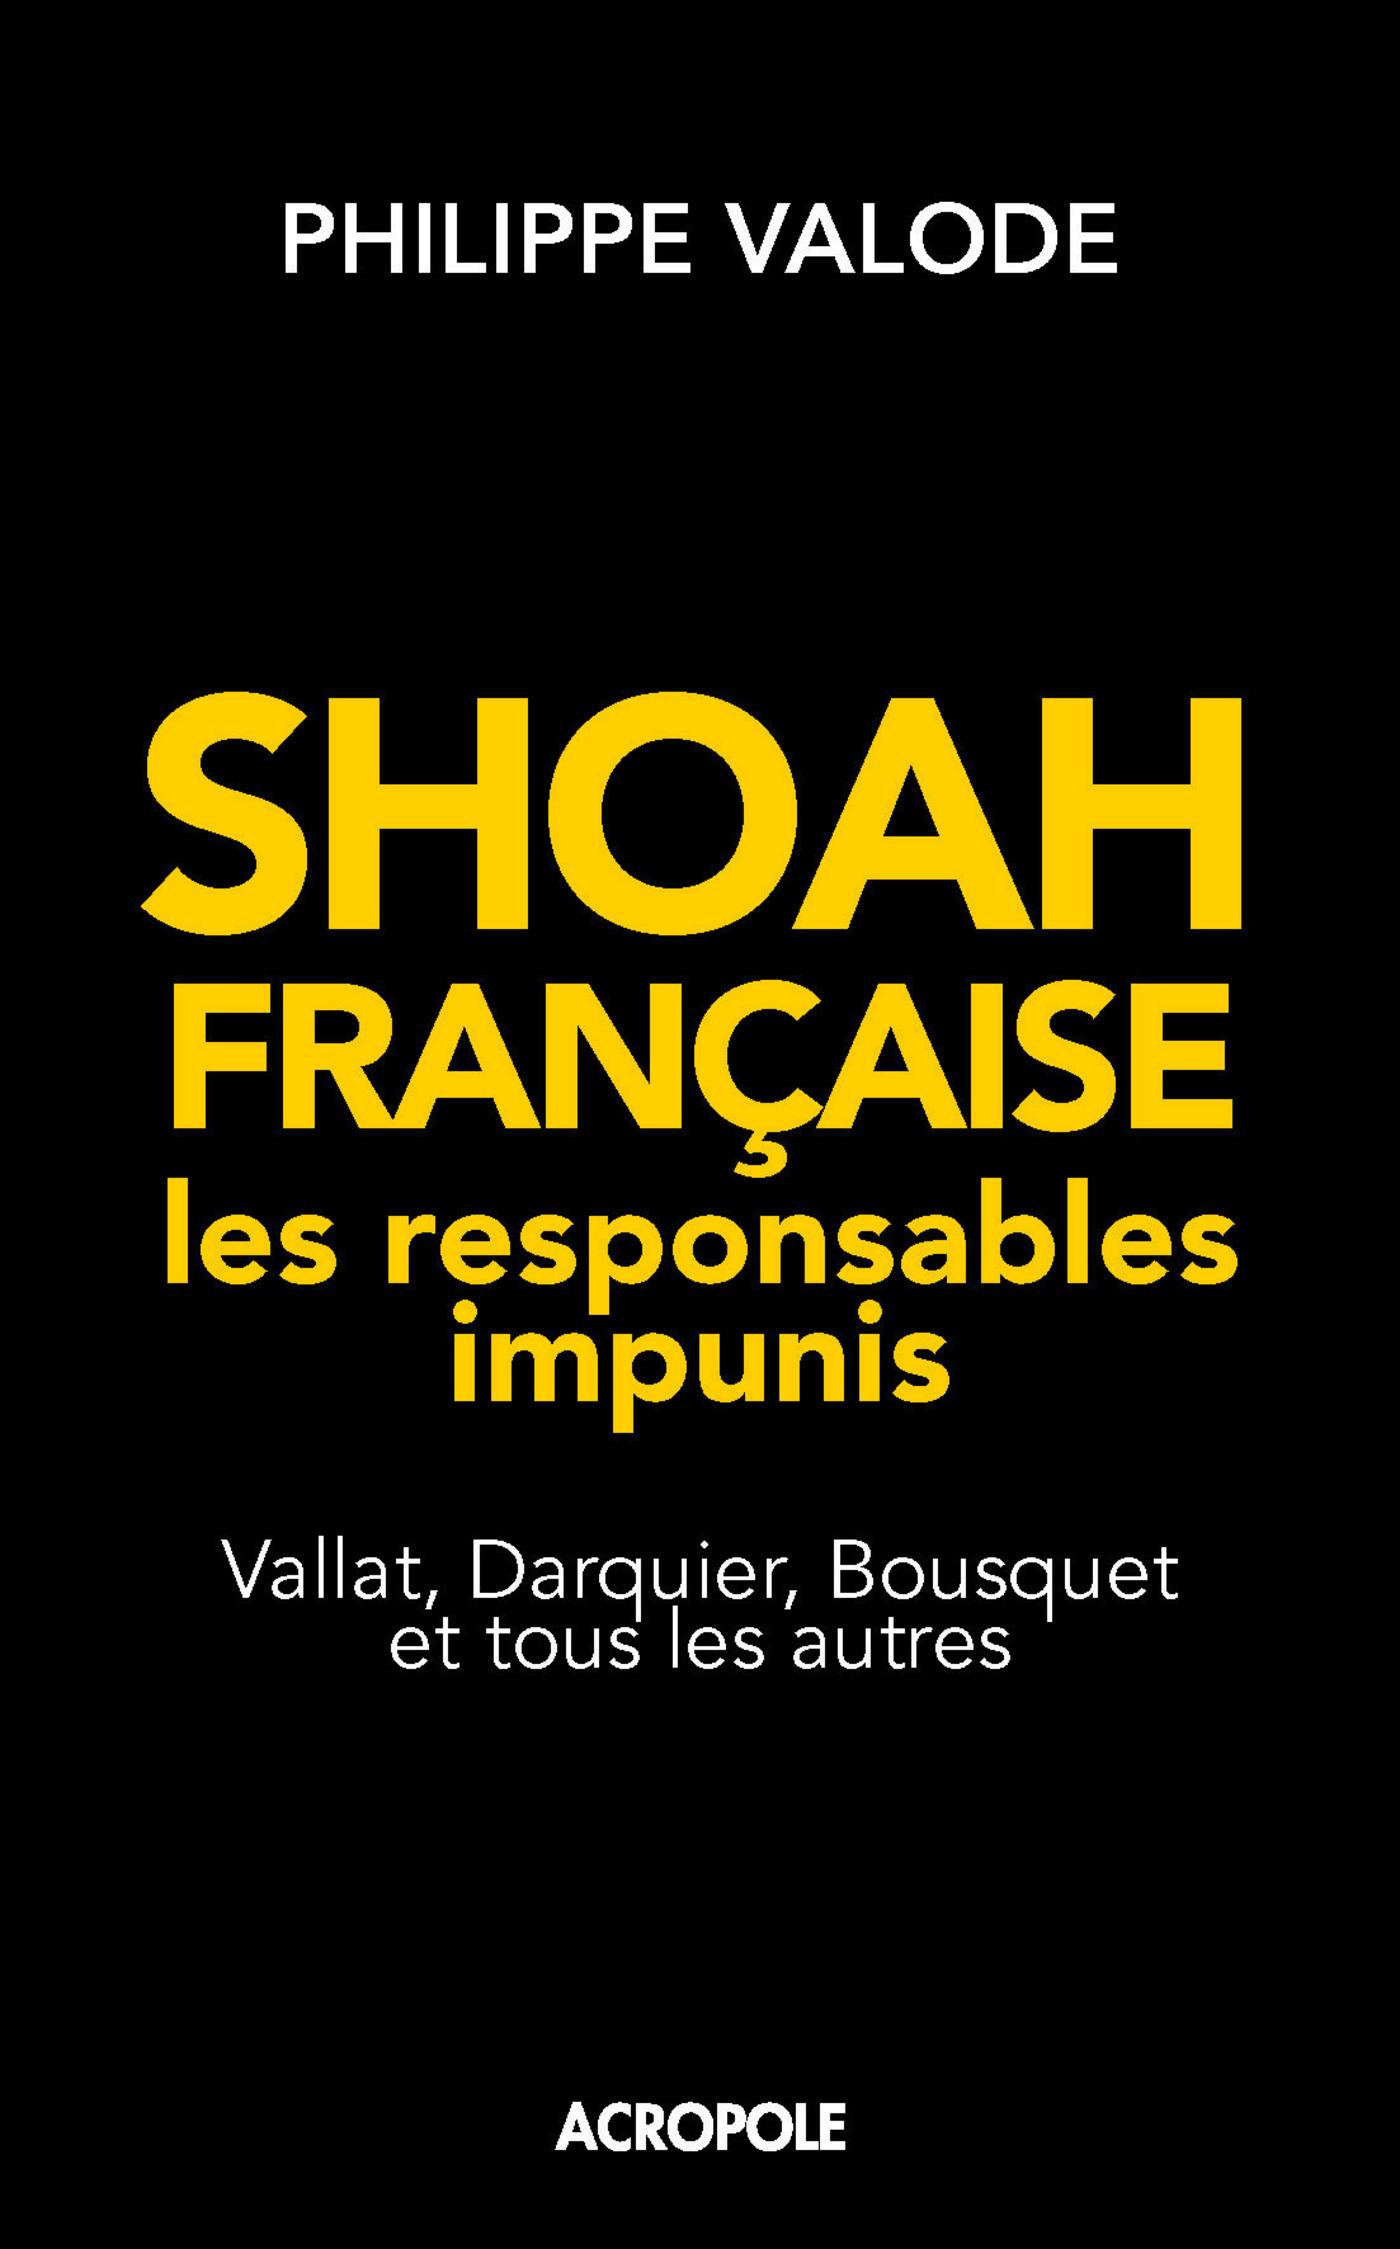 Shoah française, les responsables impunis (ebook)